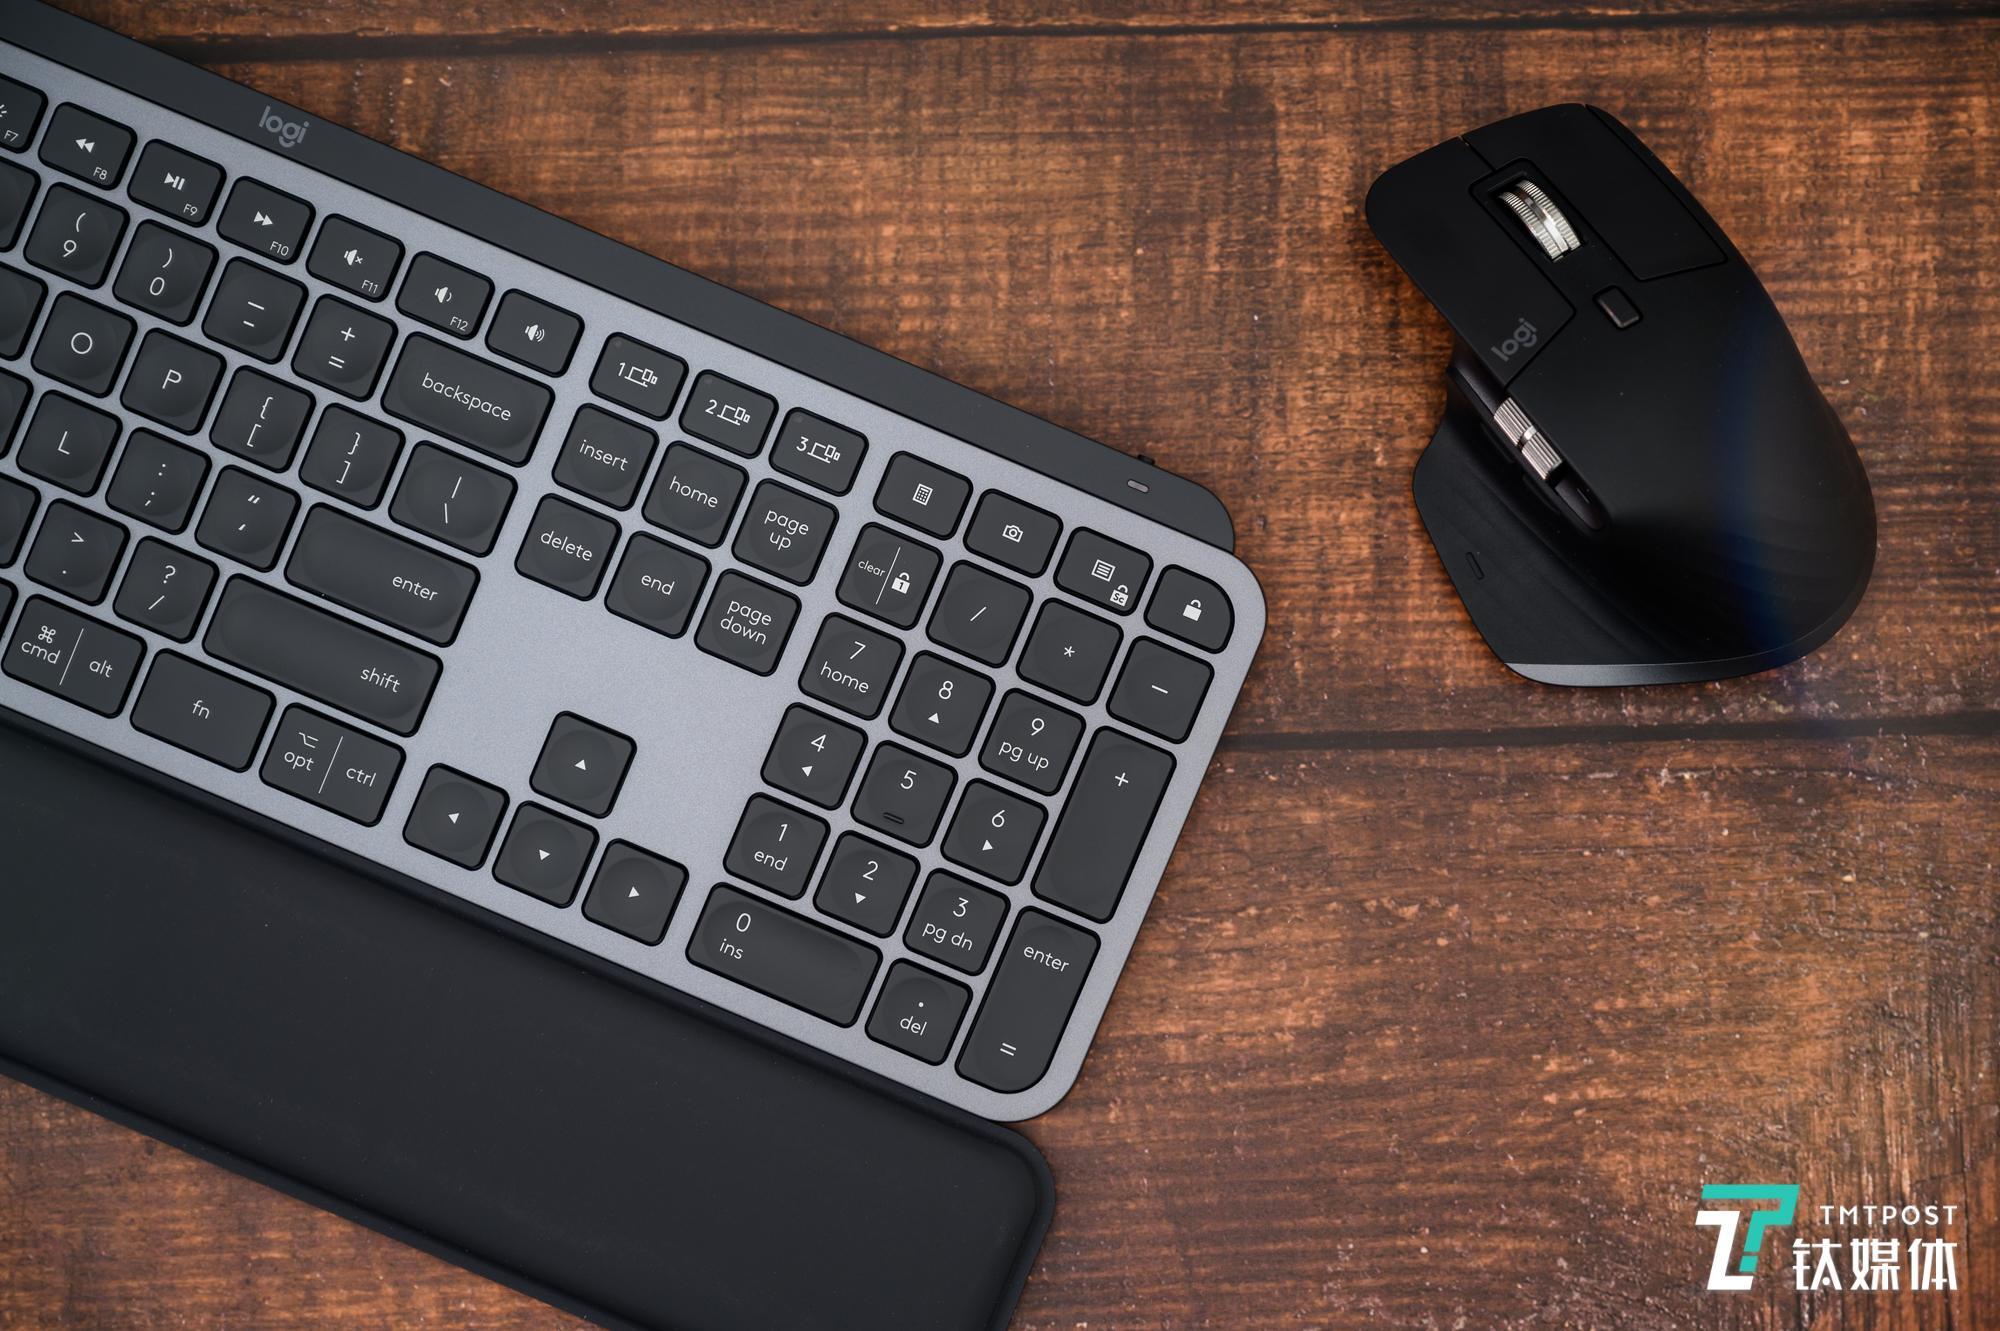 定制化功能提升生产力,罗技MX系列键鼠体验 | 钛极客_鼠标